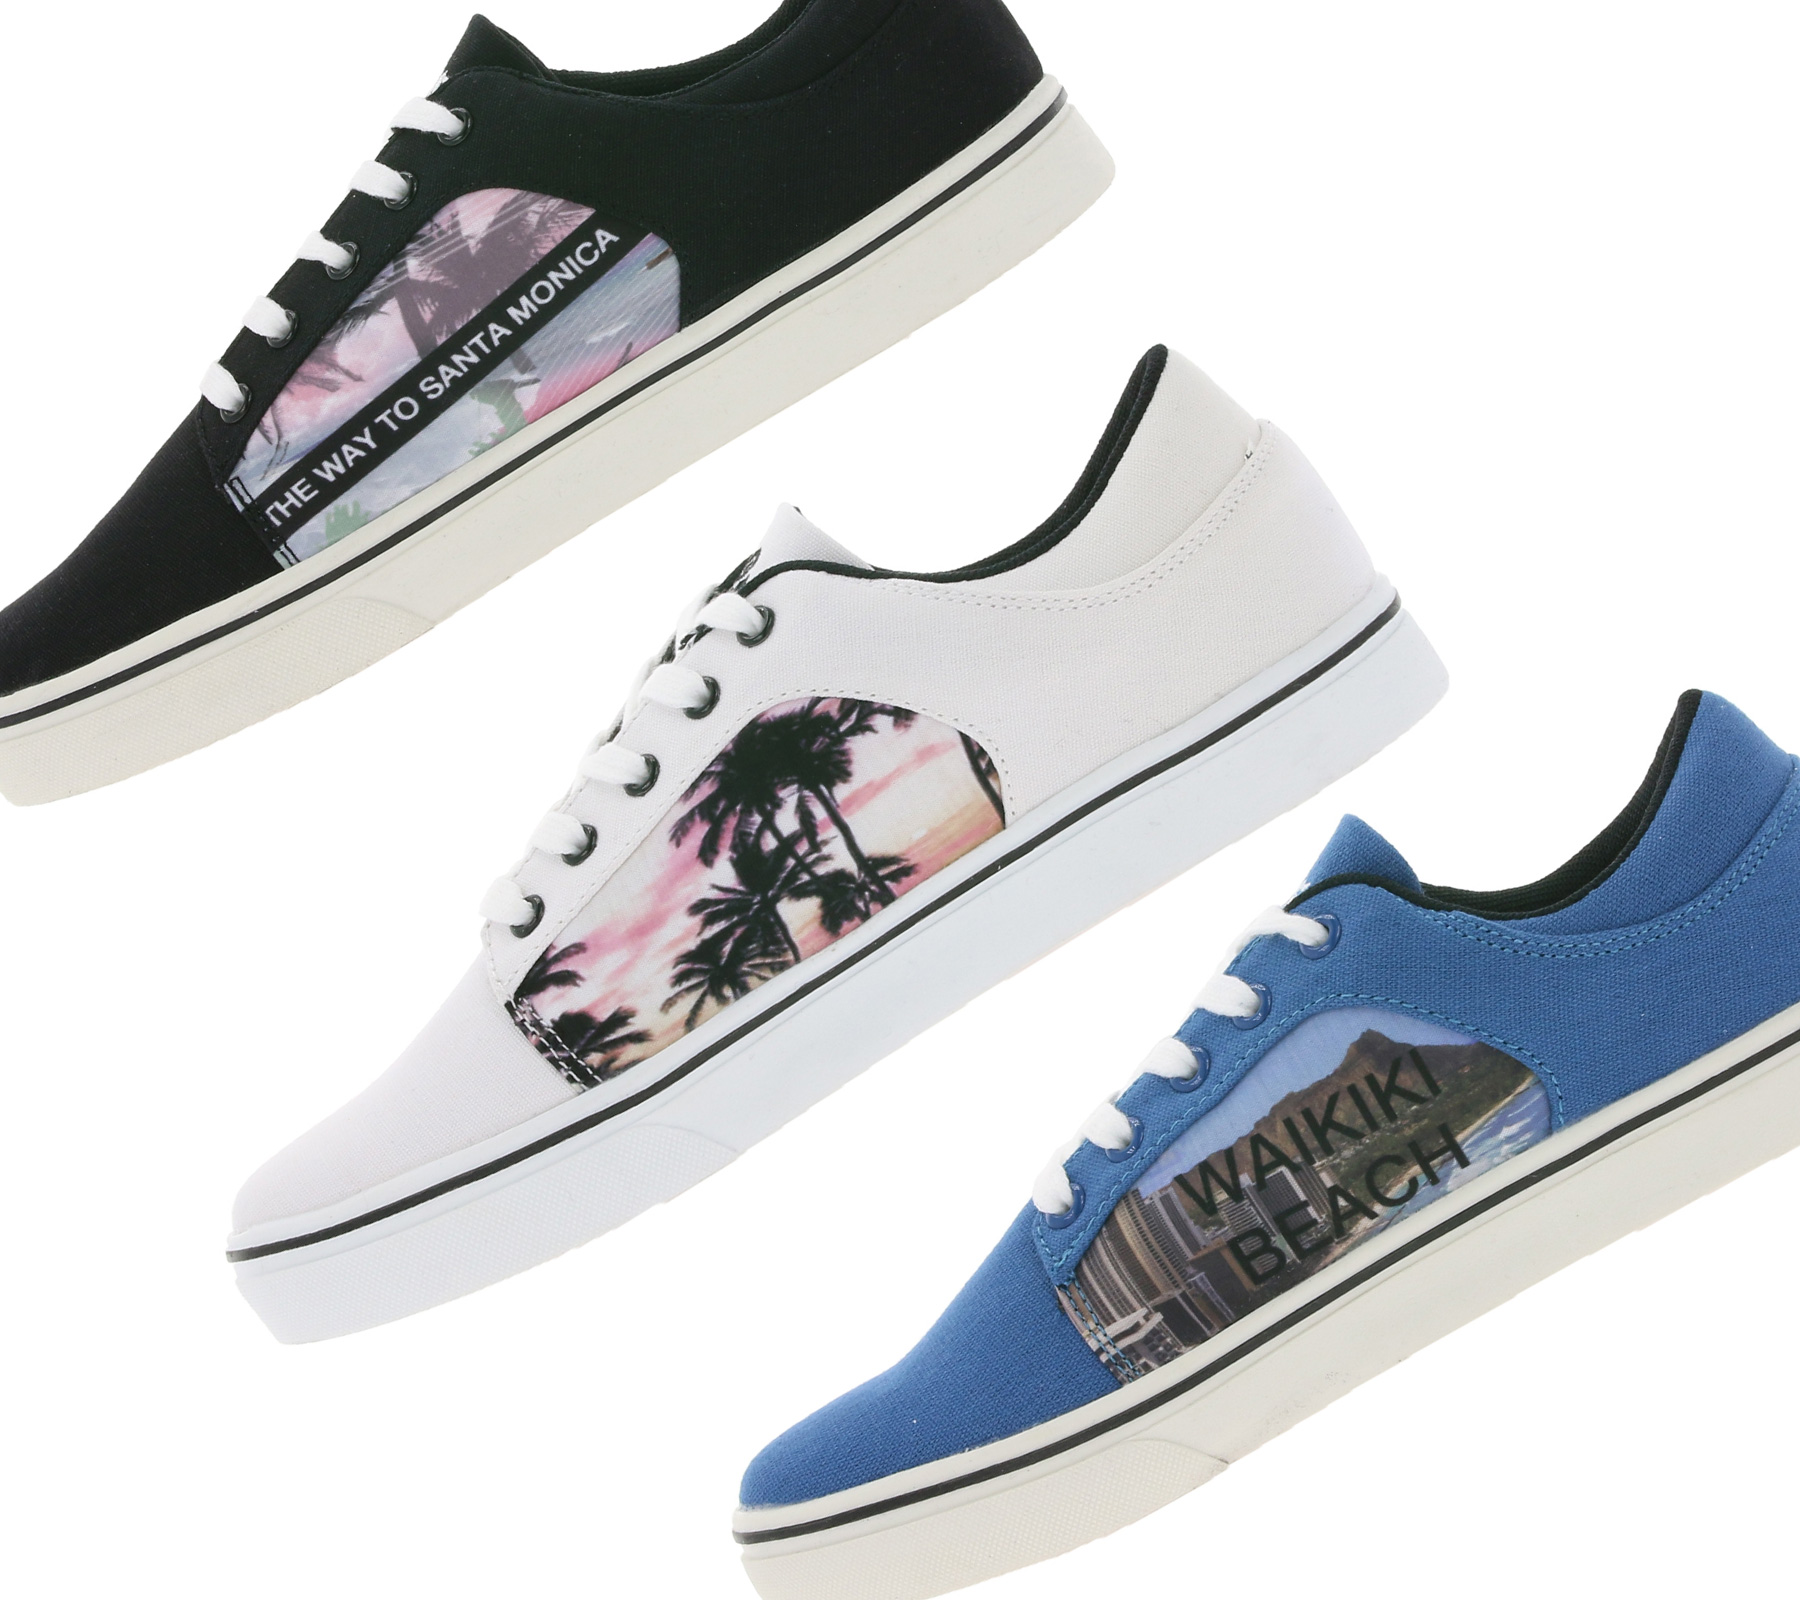 Schuheamp; Sneaker DamenHerren Kinder Lico Für T3FKJl1c